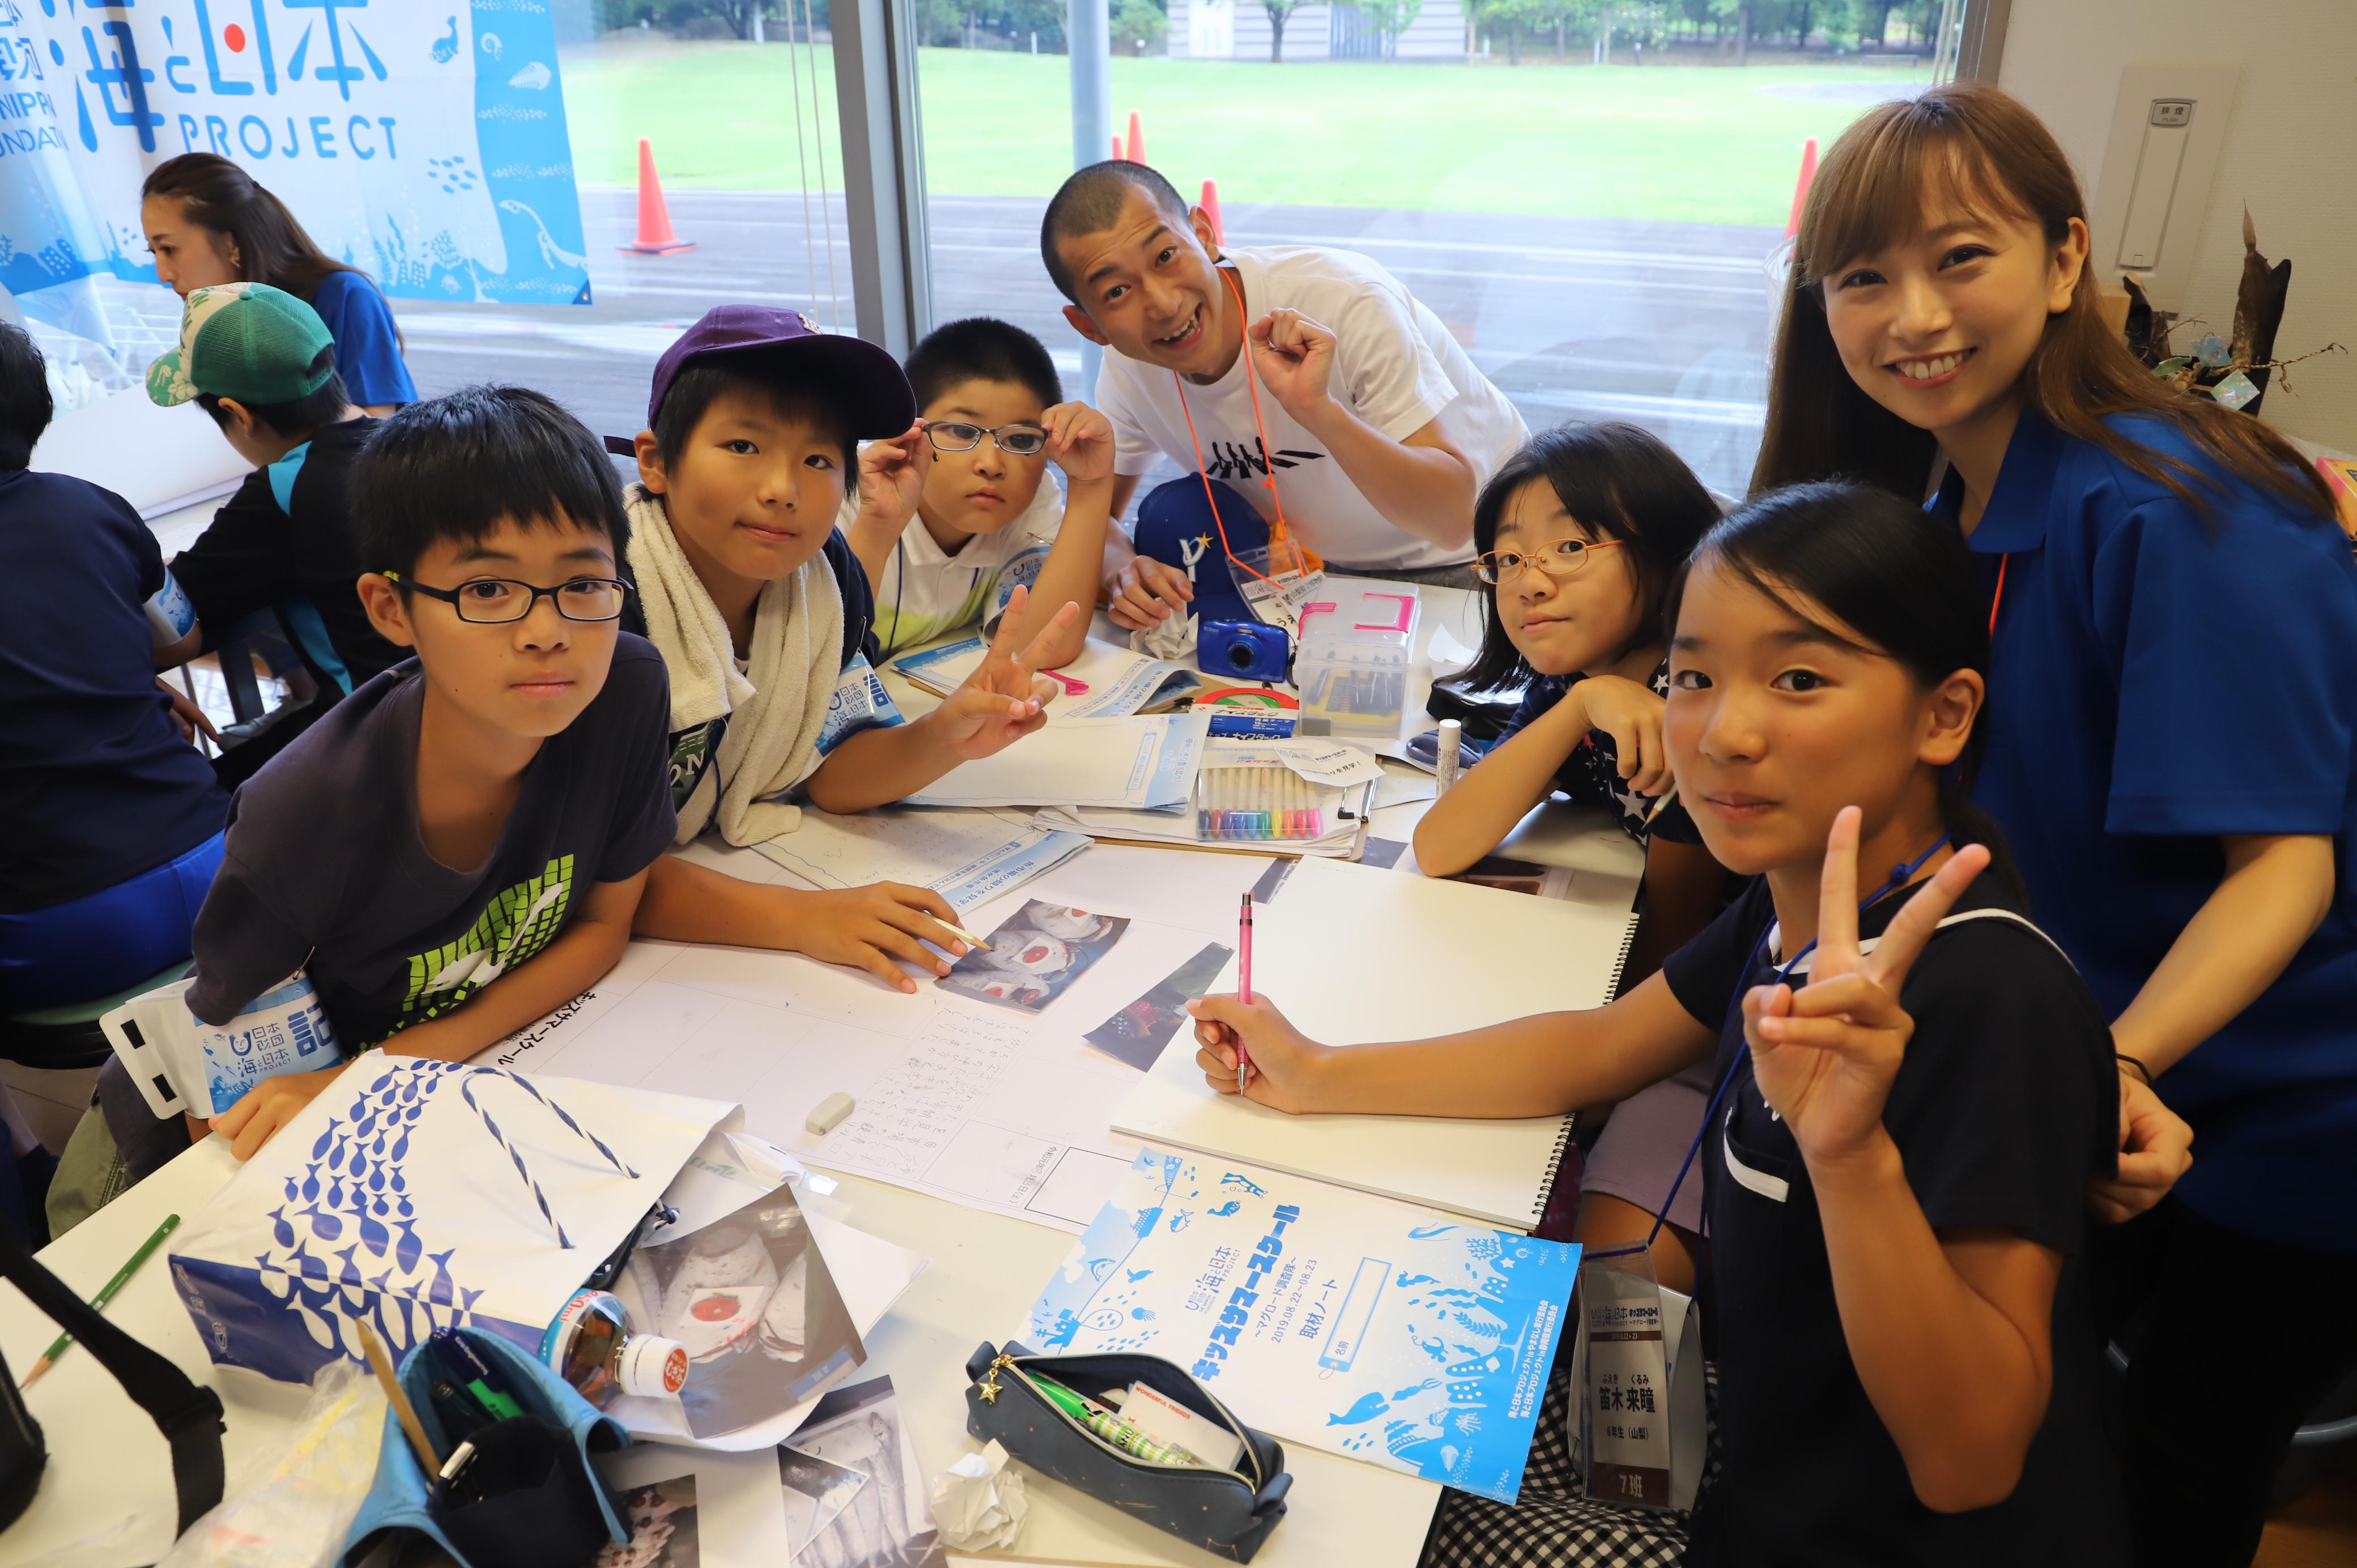 静岡はカツオの漁獲量日本一!「キッズサマースクール カツオ博士になろう!」を開催!